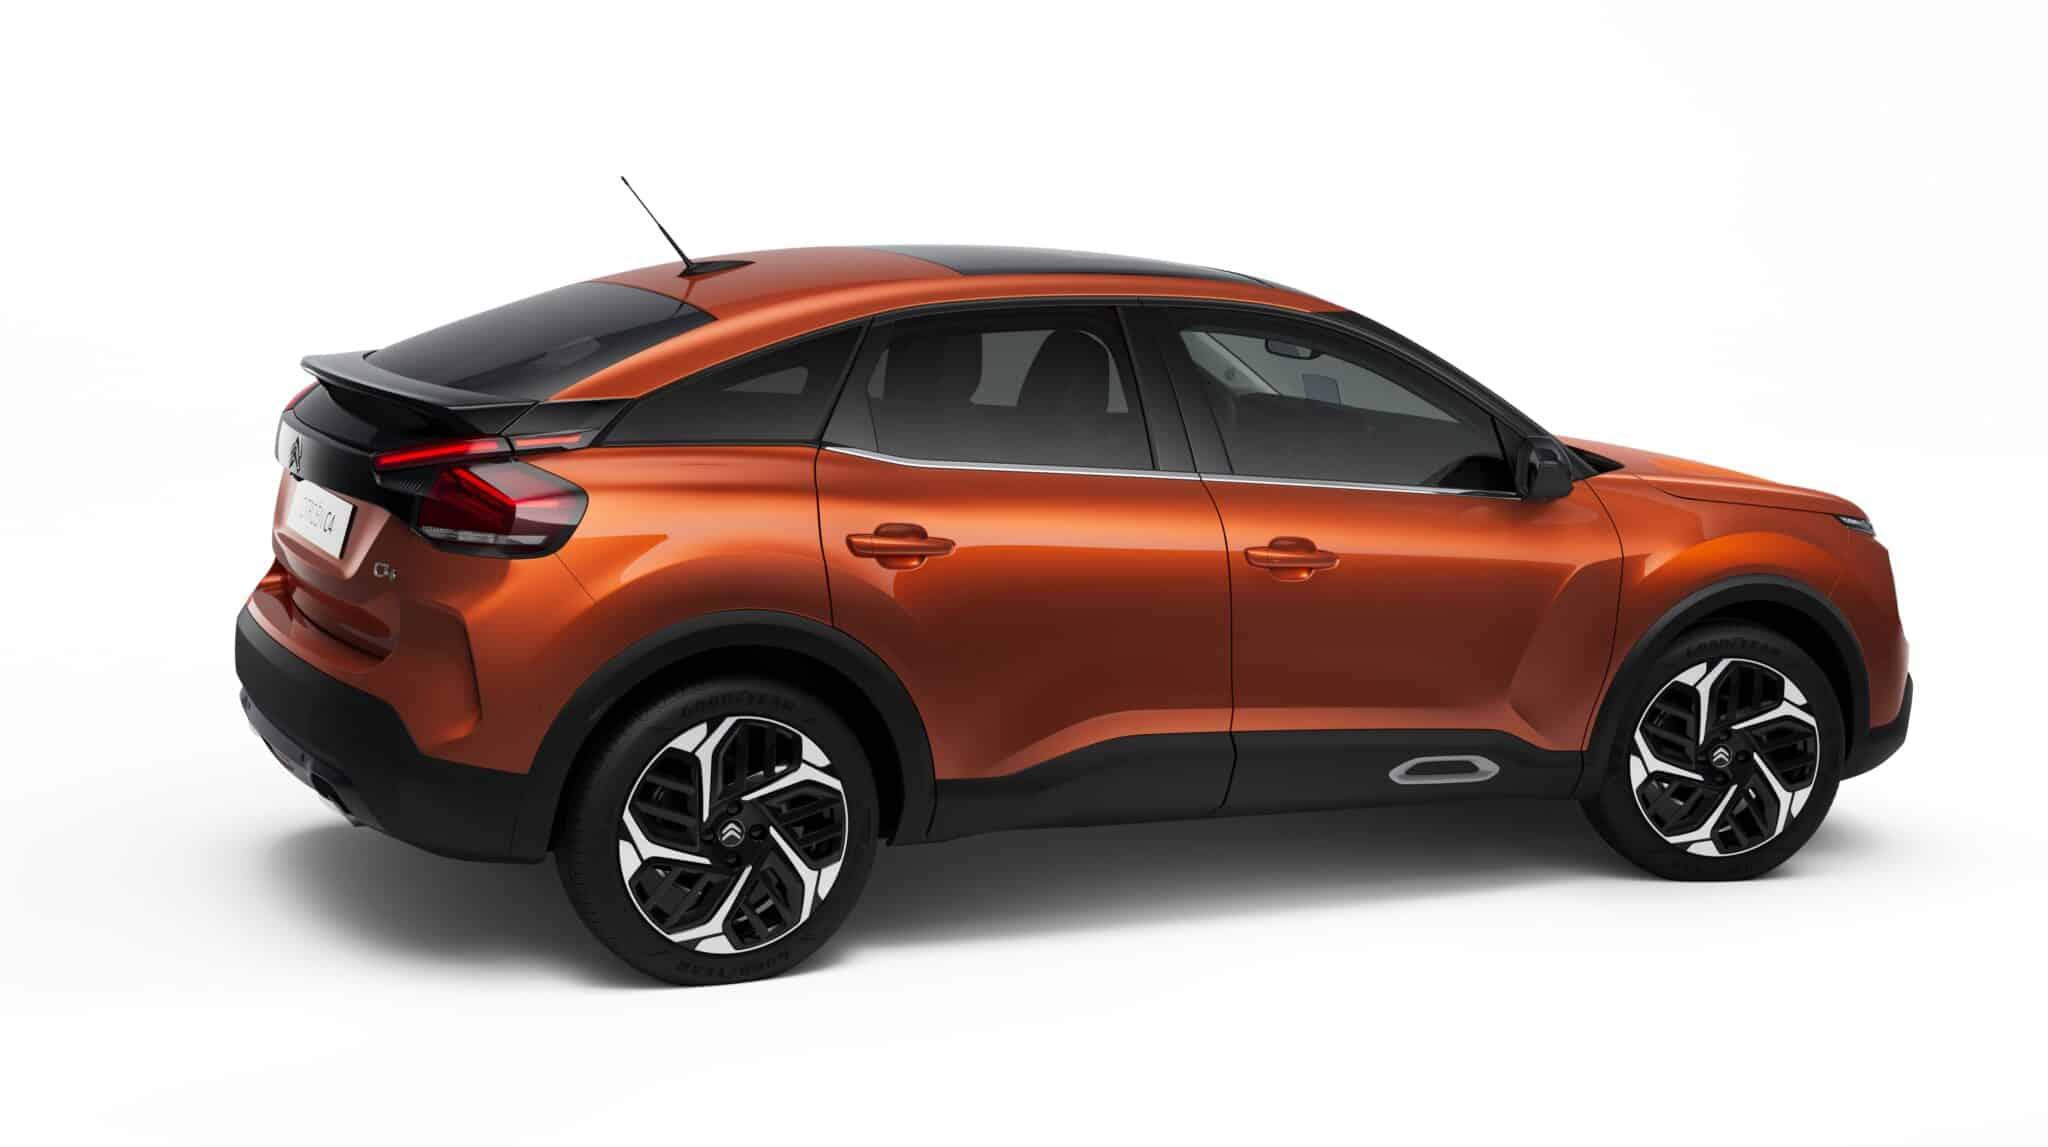 Neuer ë-C4 - Citroën erfindet die Kompaktlimousine NEU! » CL20.024.0041 min scaled